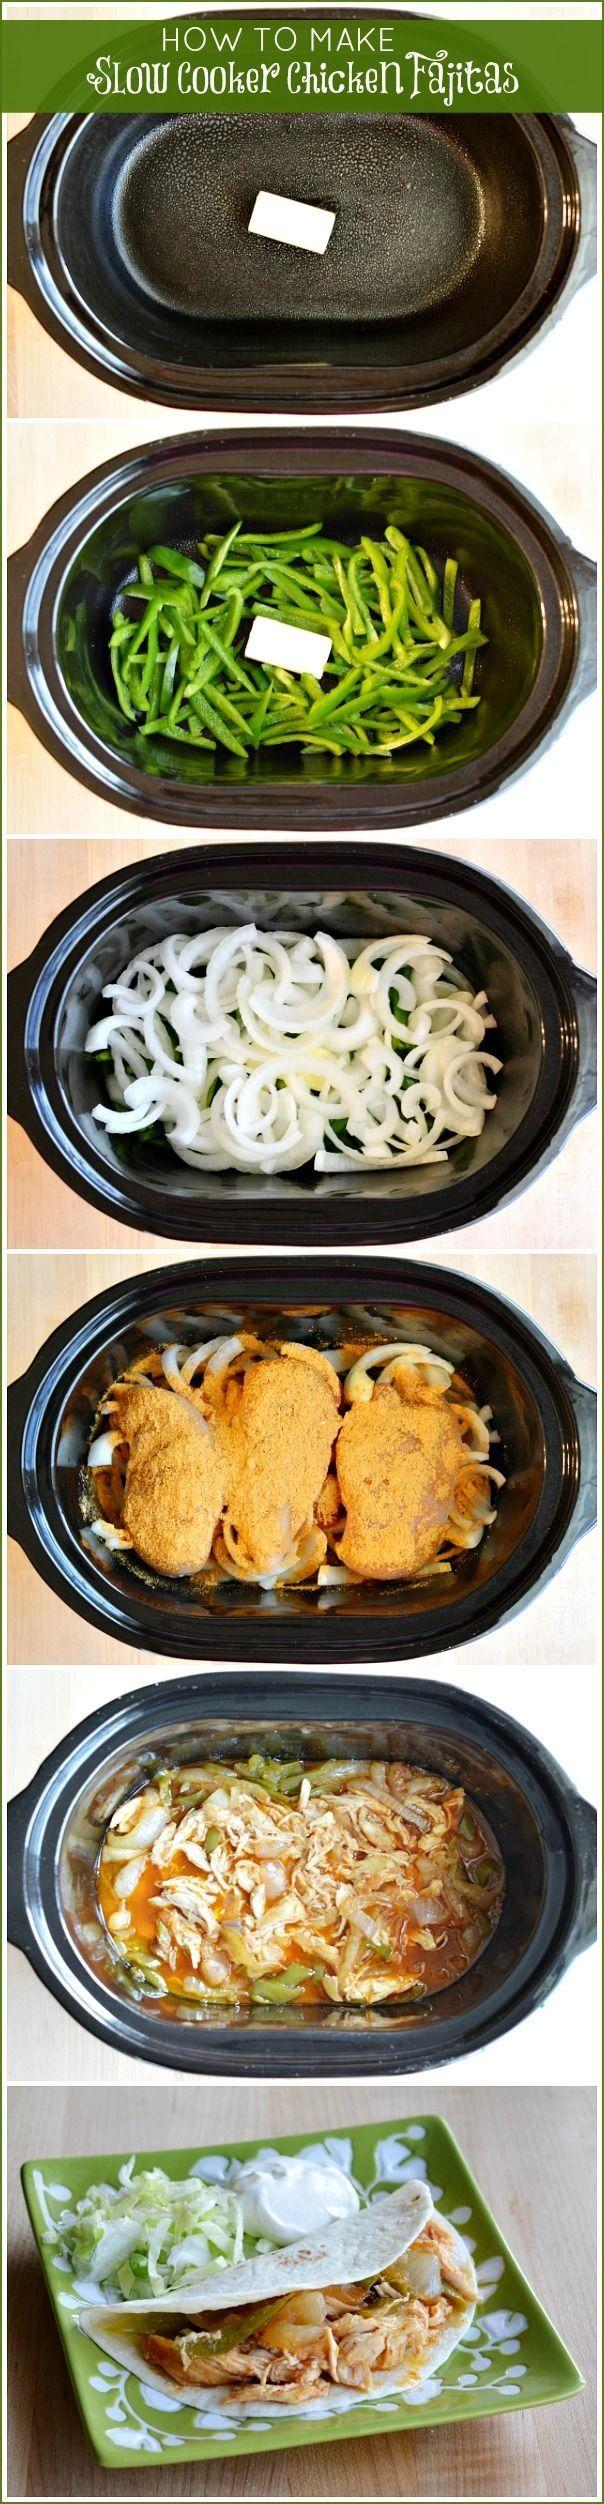 Slow cook chicken fajitas.